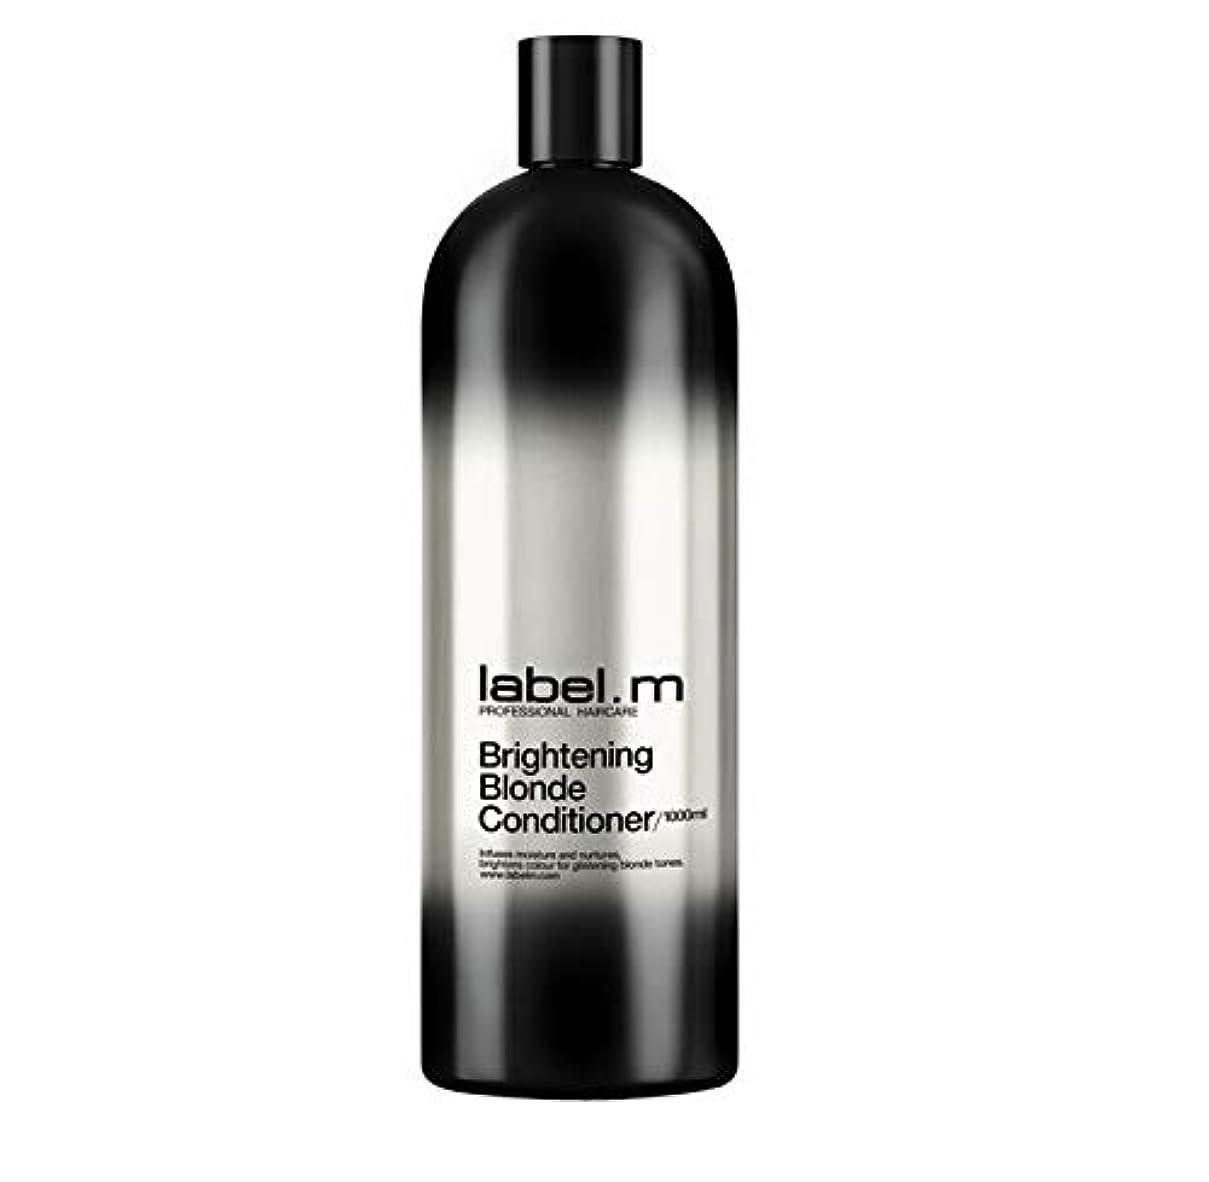 摩擦すり伝導レーベルエム ブライトニングブロンド コンディショナー (髪に潤いと栄養を与えて明るく輝くブロンドヘアに) 1000ml/33.8oz